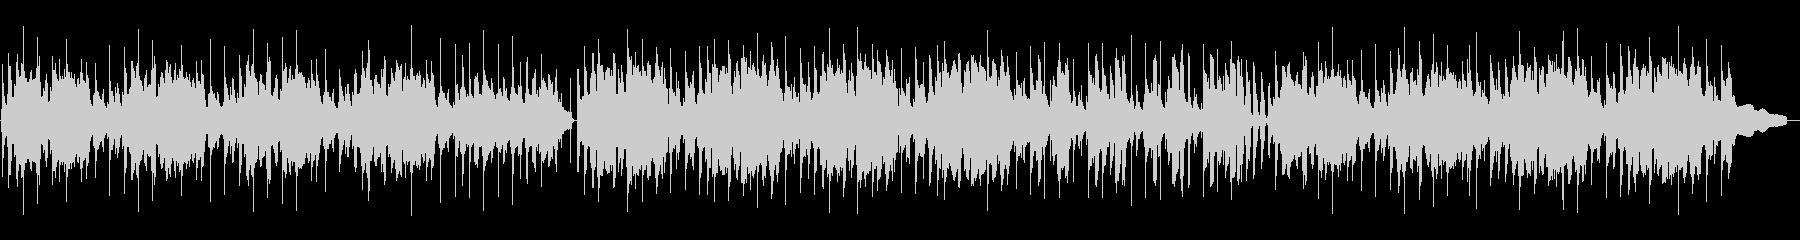 ほのぼのスローライフなアコースティックの未再生の波形